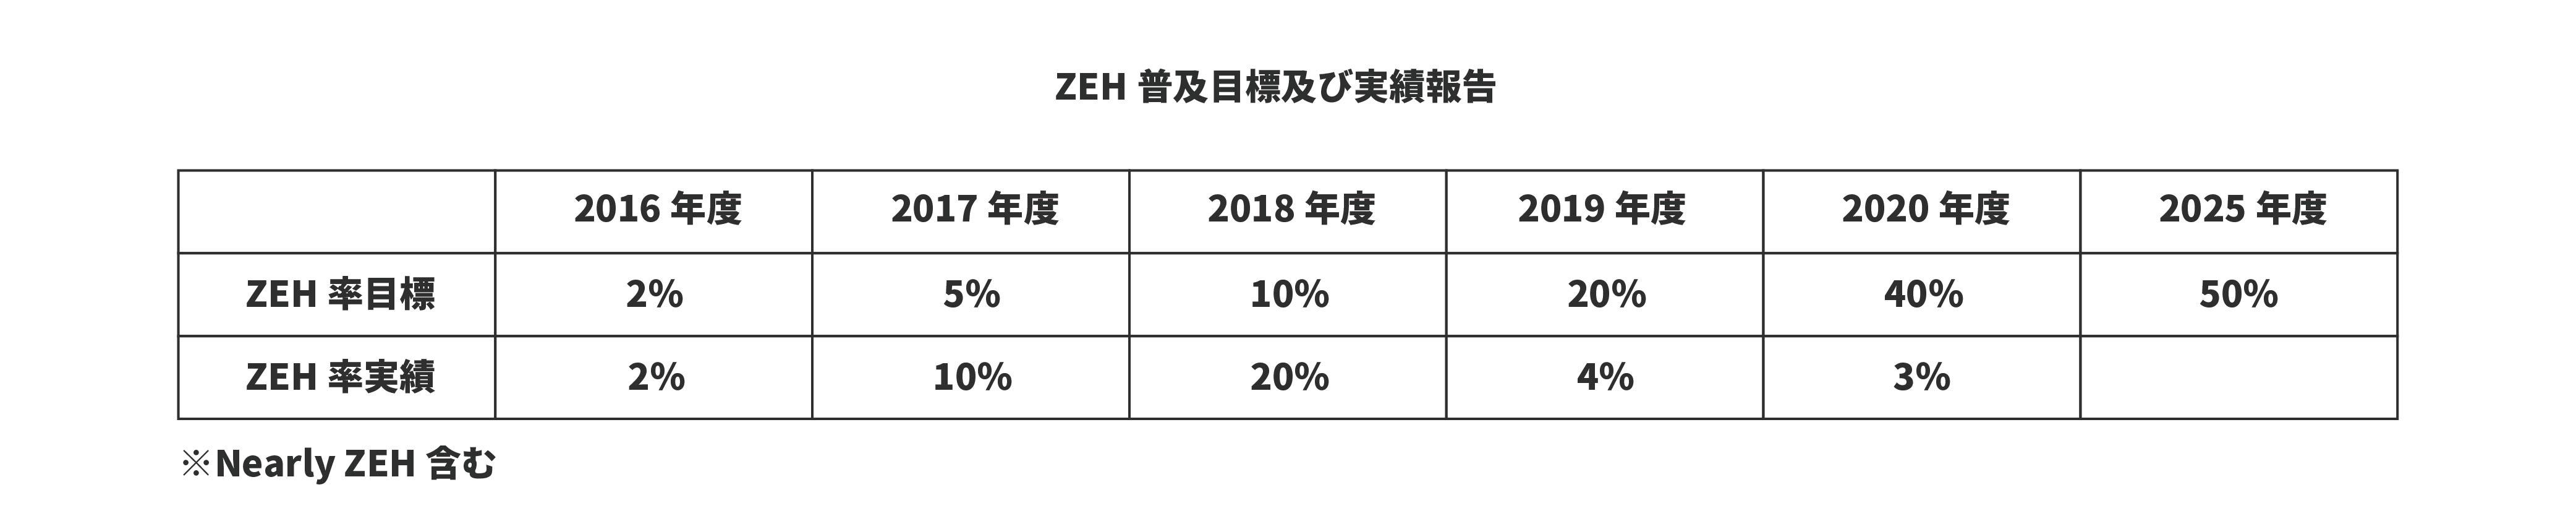 ZEH普及目標及び実績報告